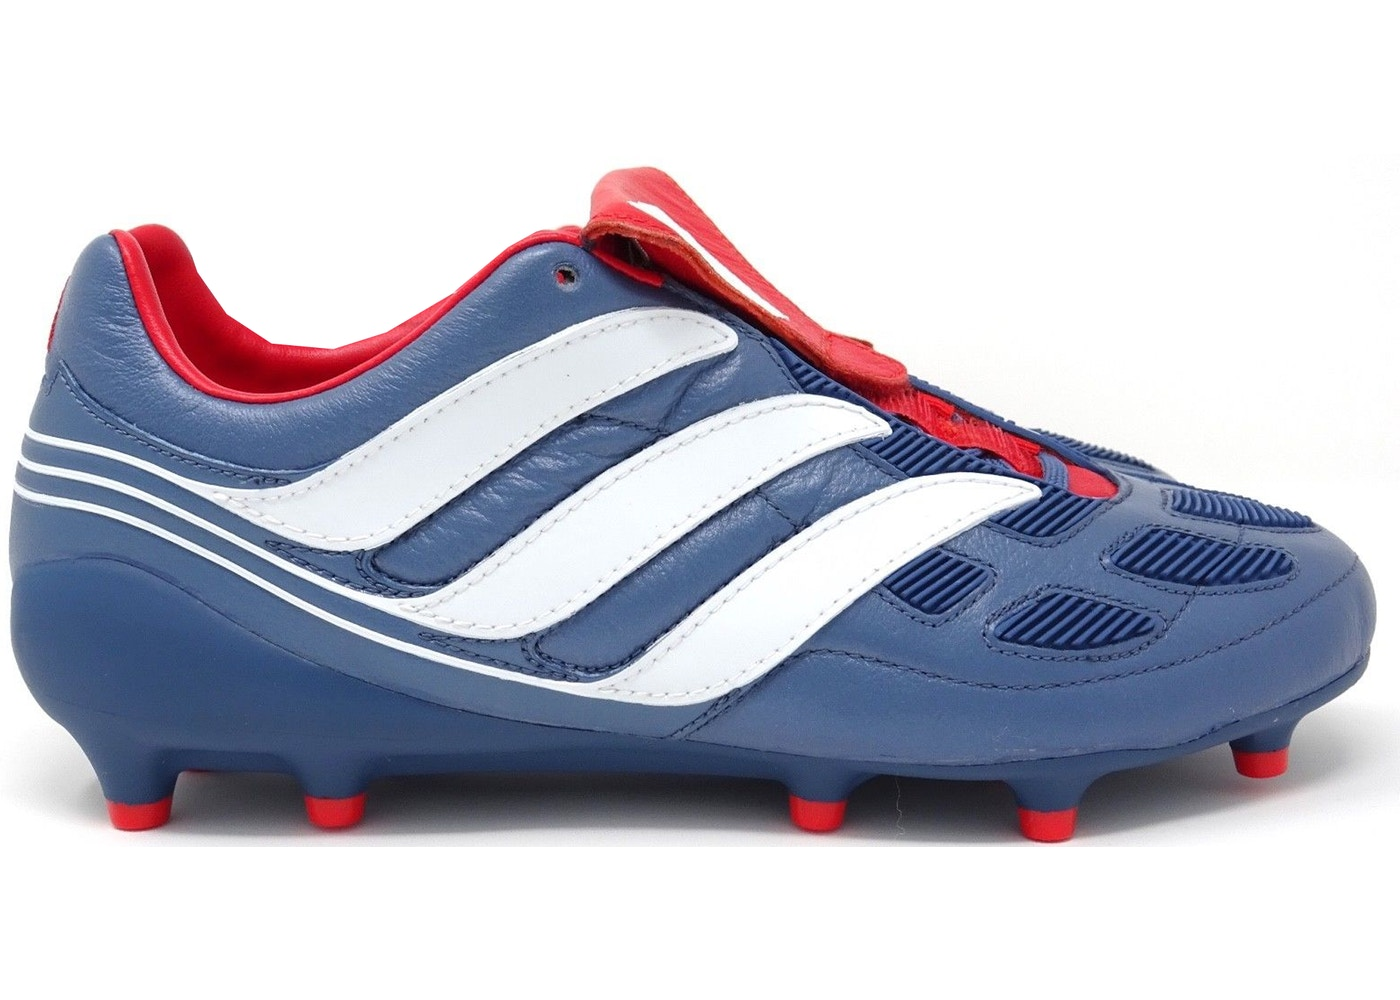 adidas Predator Precision FG Blue Grey Collegiate Red - CM7911 a68d3d1d1